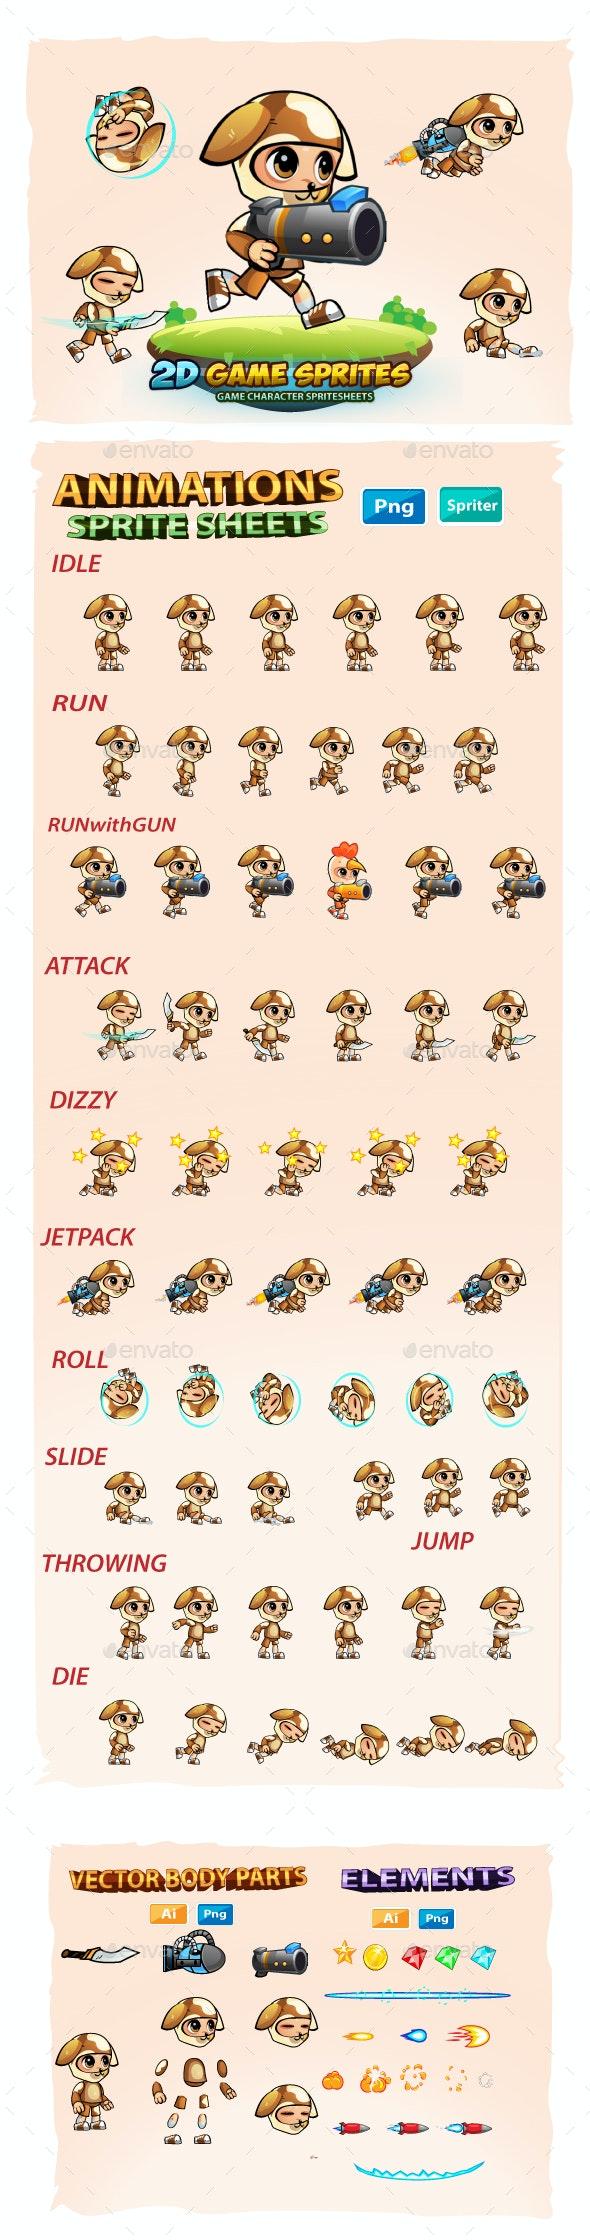 Dogie Boy 2D Game Sprites - Sprites Game Assets